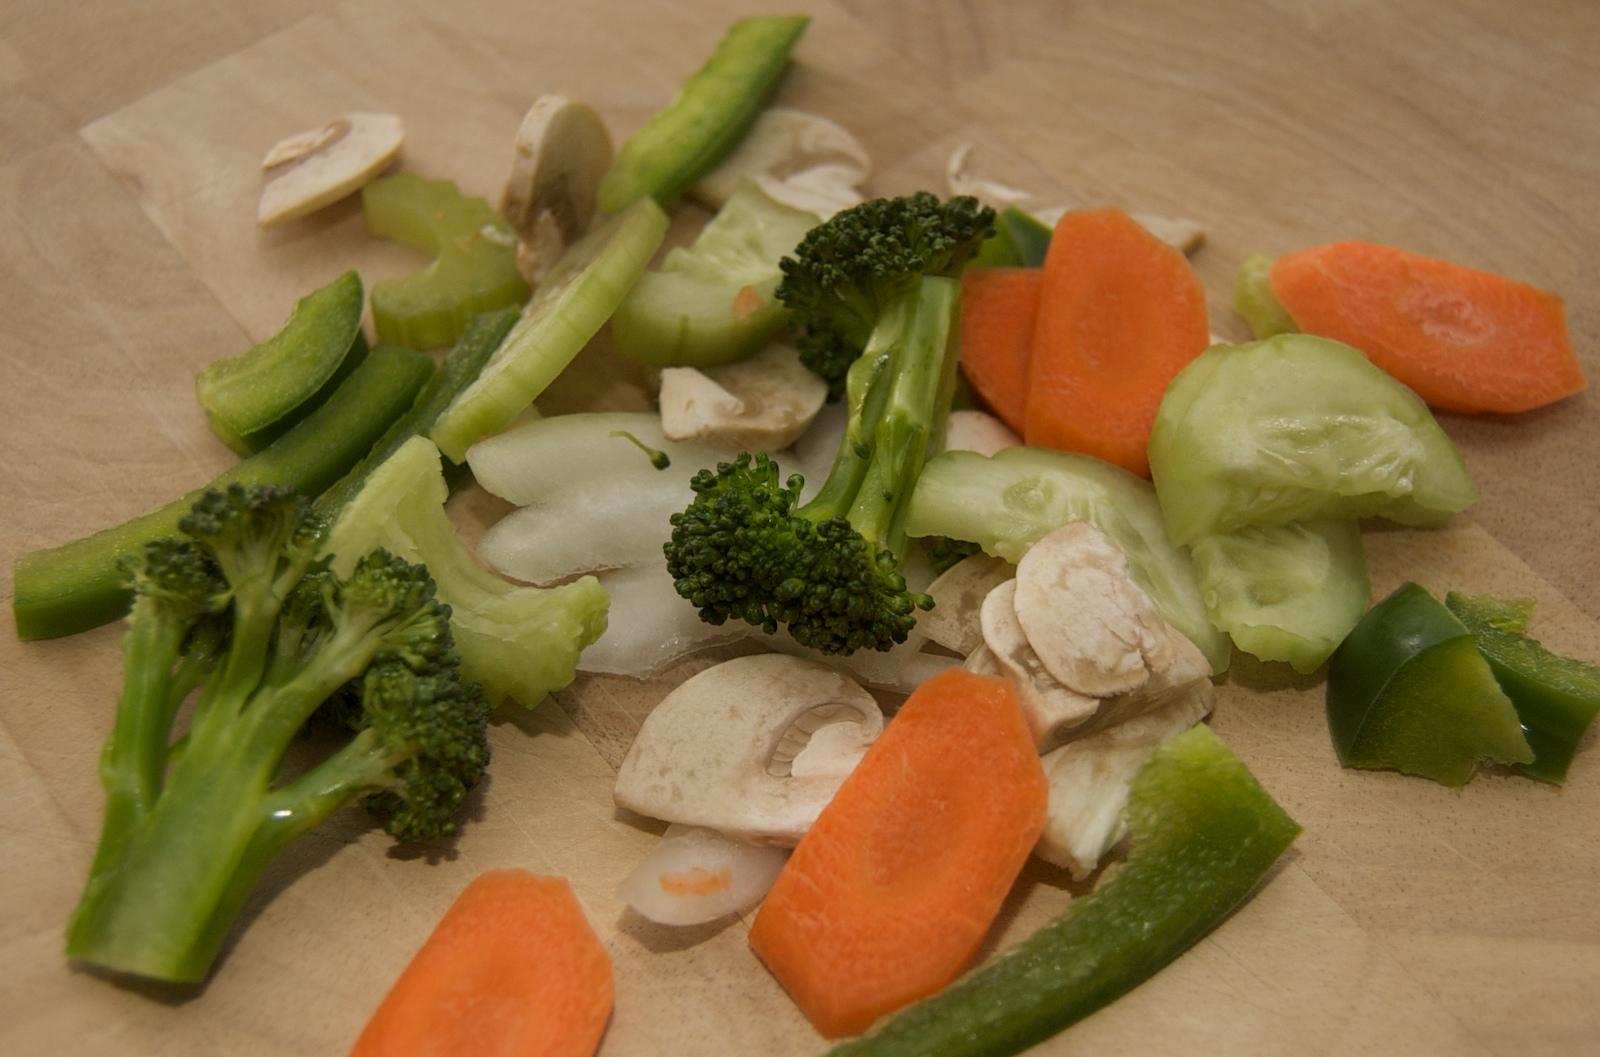 http://blog.rickk.com/food/2010/03/25/salad9.jpg